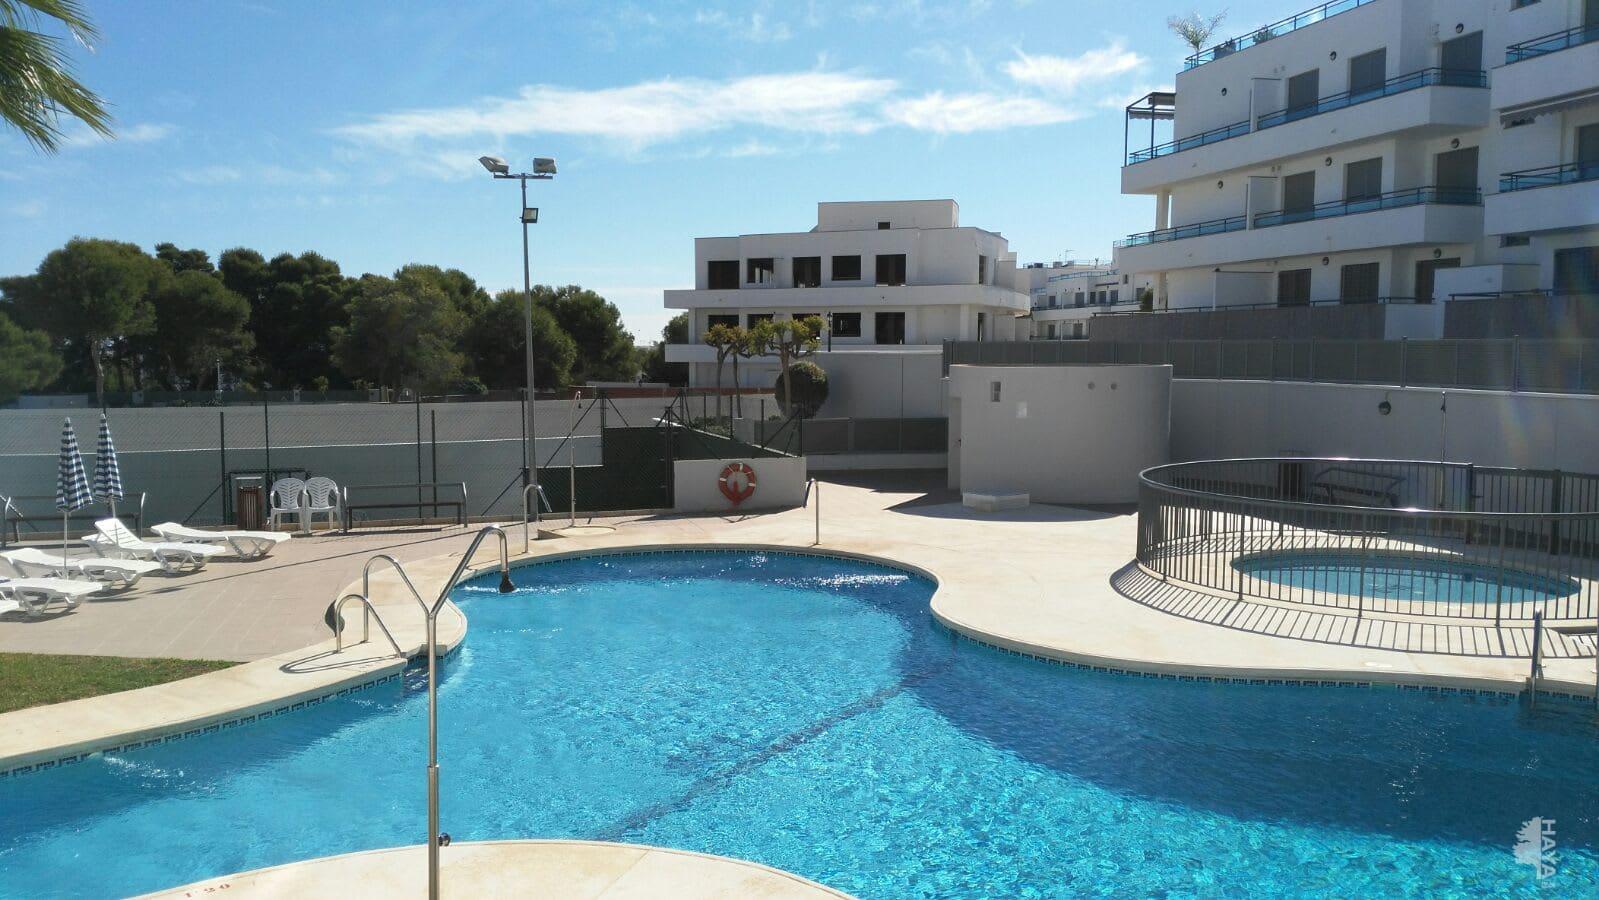 Piso en venta en Garrucha, Garrucha, Almería, Calle Murillo, 103.500 €, 2 habitaciones, 2 baños, 65 m2